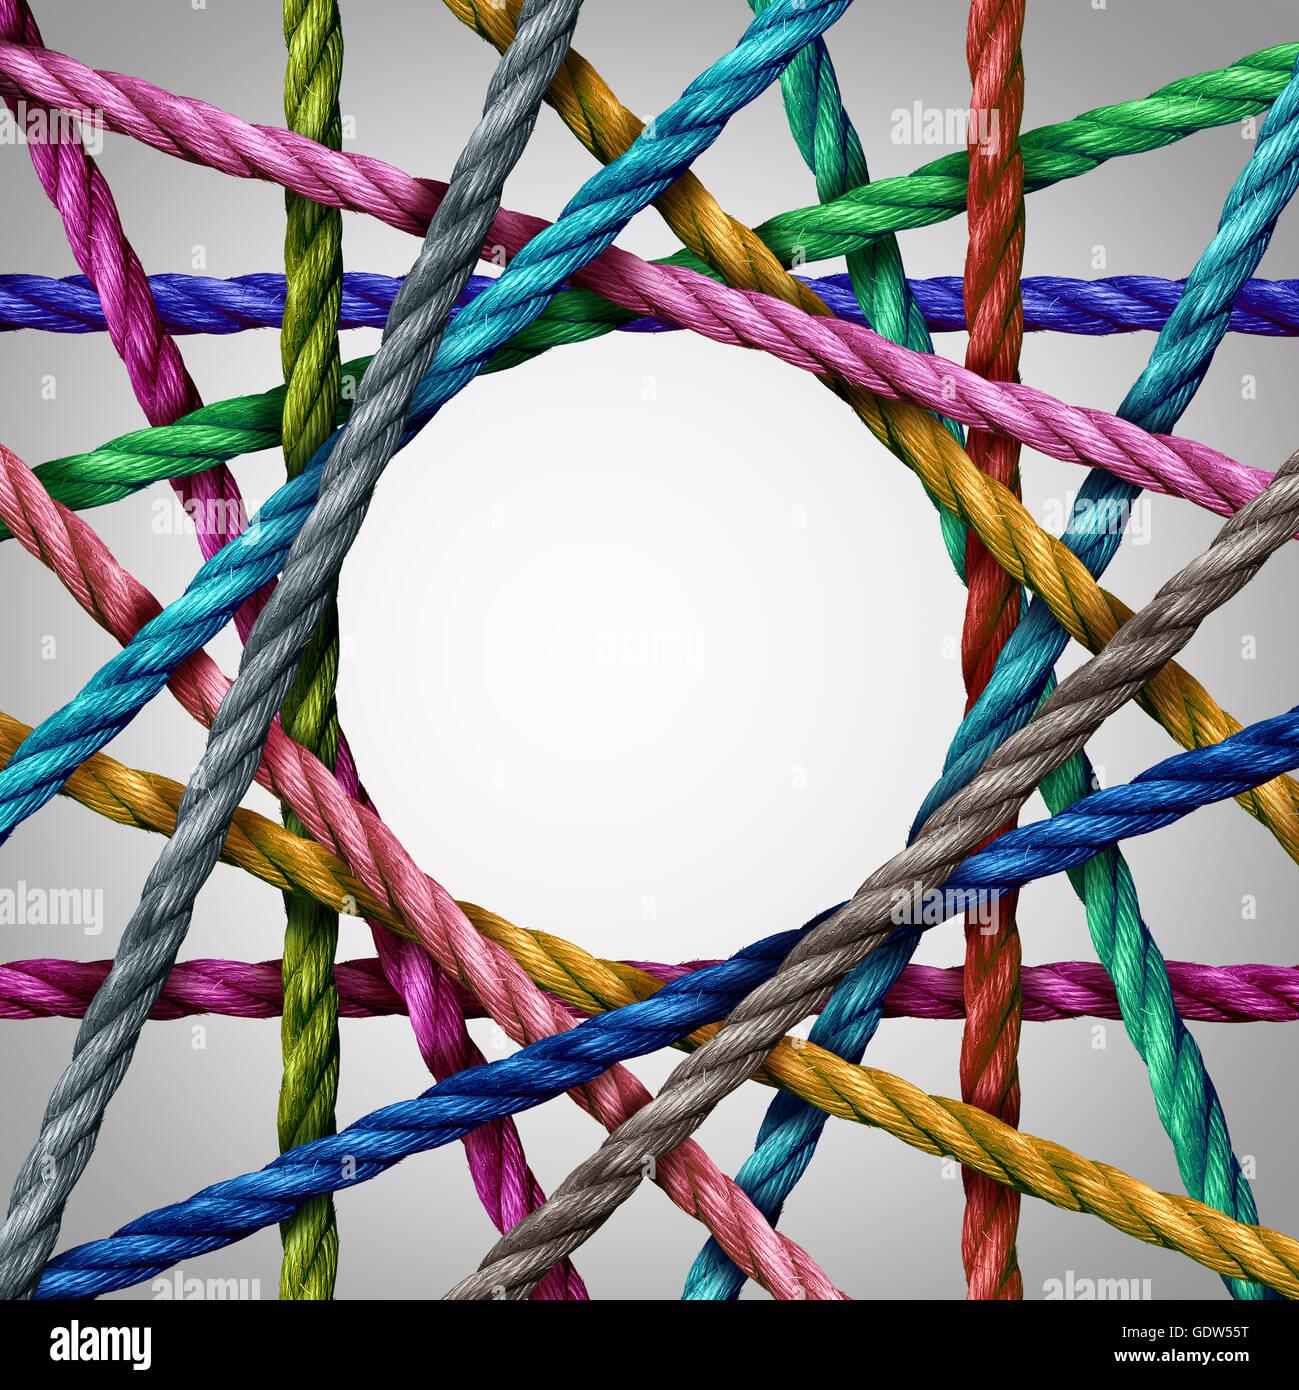 Collegato divesisty e a forma di cerchio gruppo di funi la creazione di un sistema centralizzato di forma circolare Immagini Stock